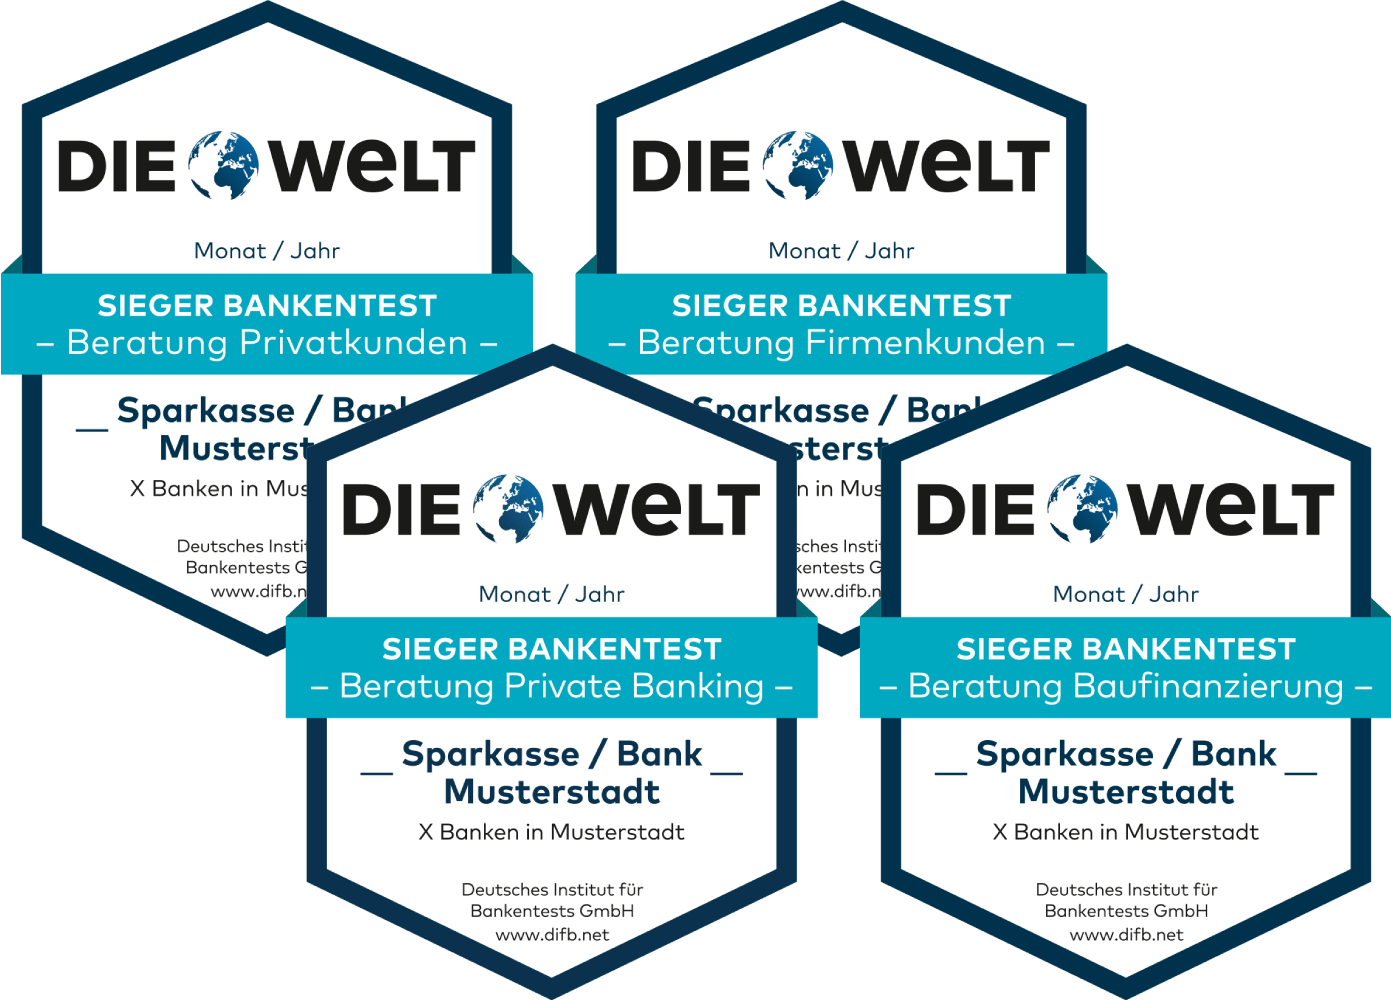 Deutsches-Institut-fuer-Bankentests-Siegel-die-Welt-Privatkunden-Baufinanzierung-Firmenkunden-Private-Banking-Vermoegensberatung-Logos